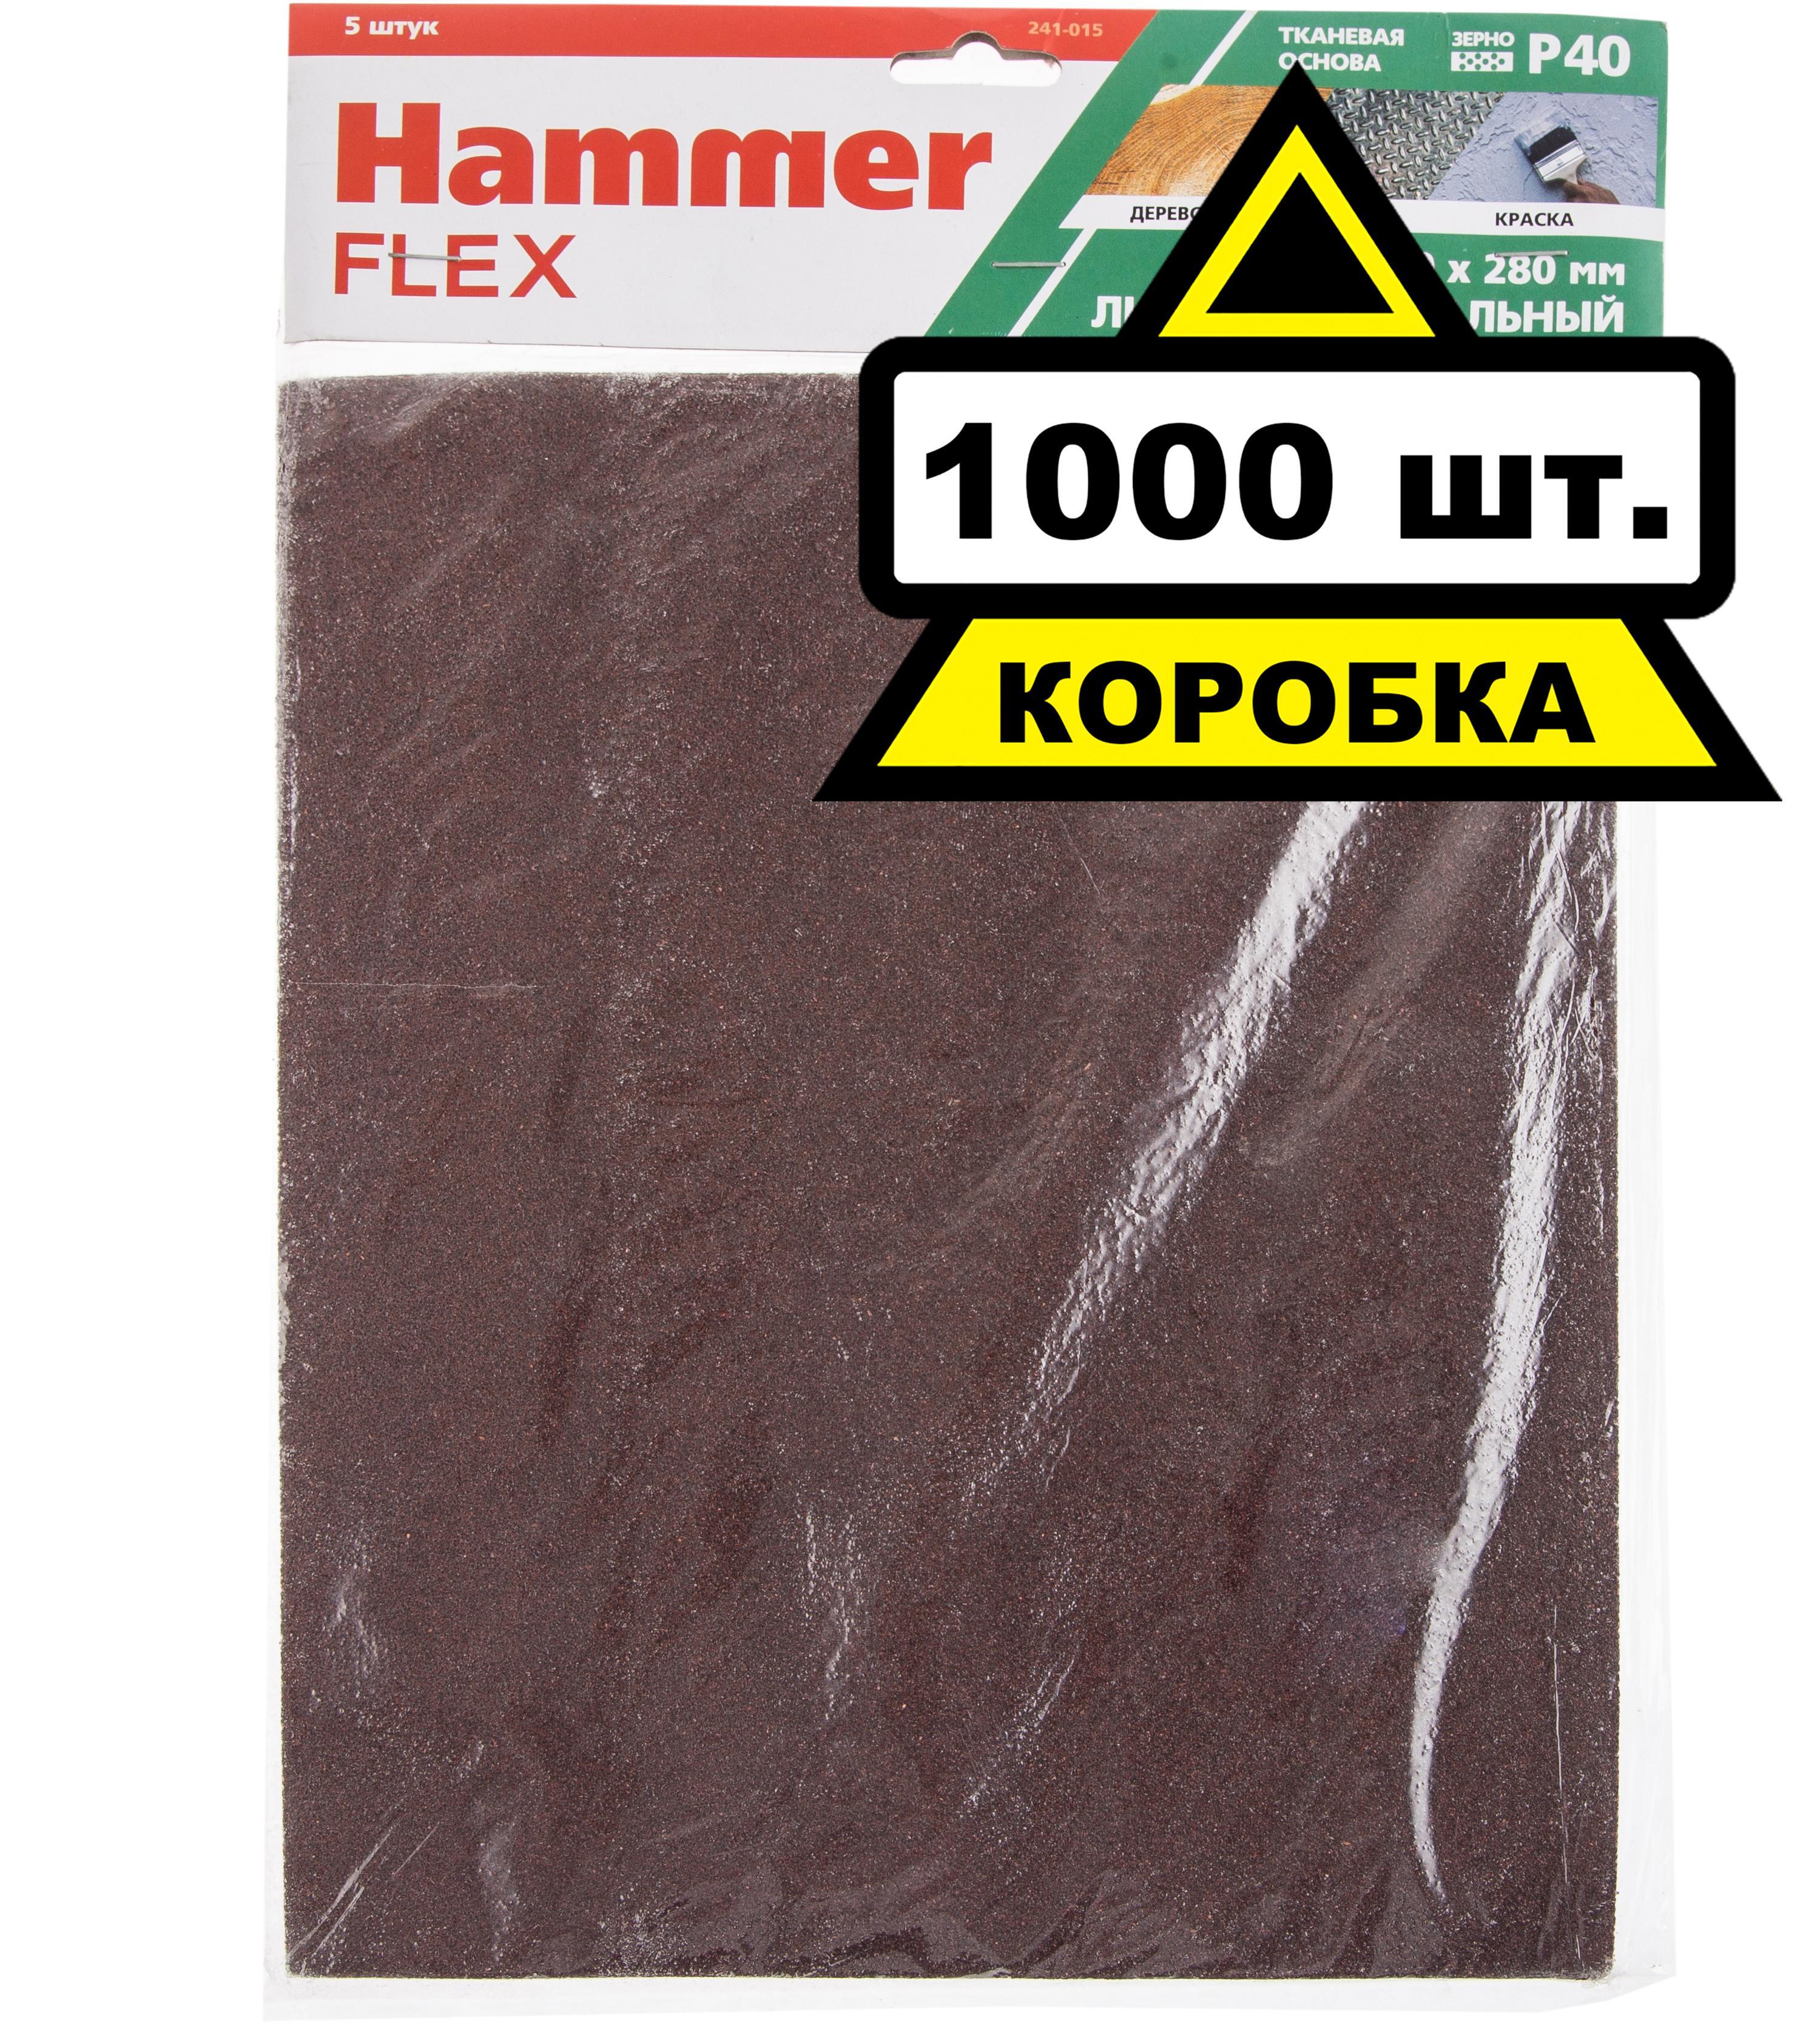 Купить Лист шлифовальный Hammer 230x280мм p40 тканевая основа